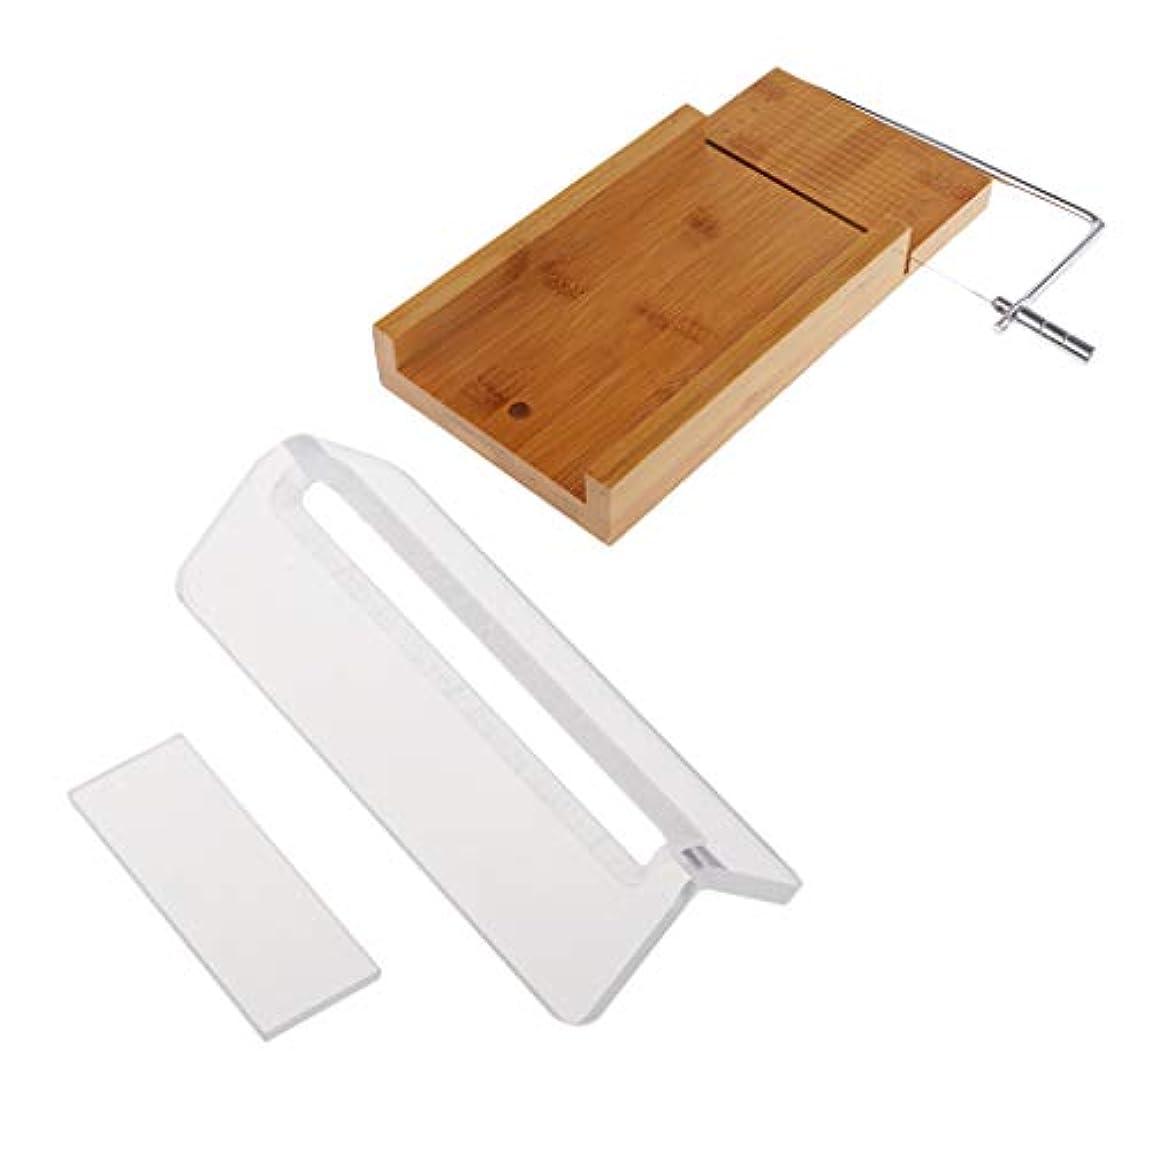 地図バラ色離れてFLAMEER ローフカッター 木製 ソープ包丁 石鹸カッター 手作り石鹸 DIY キッチン用品 2個入り